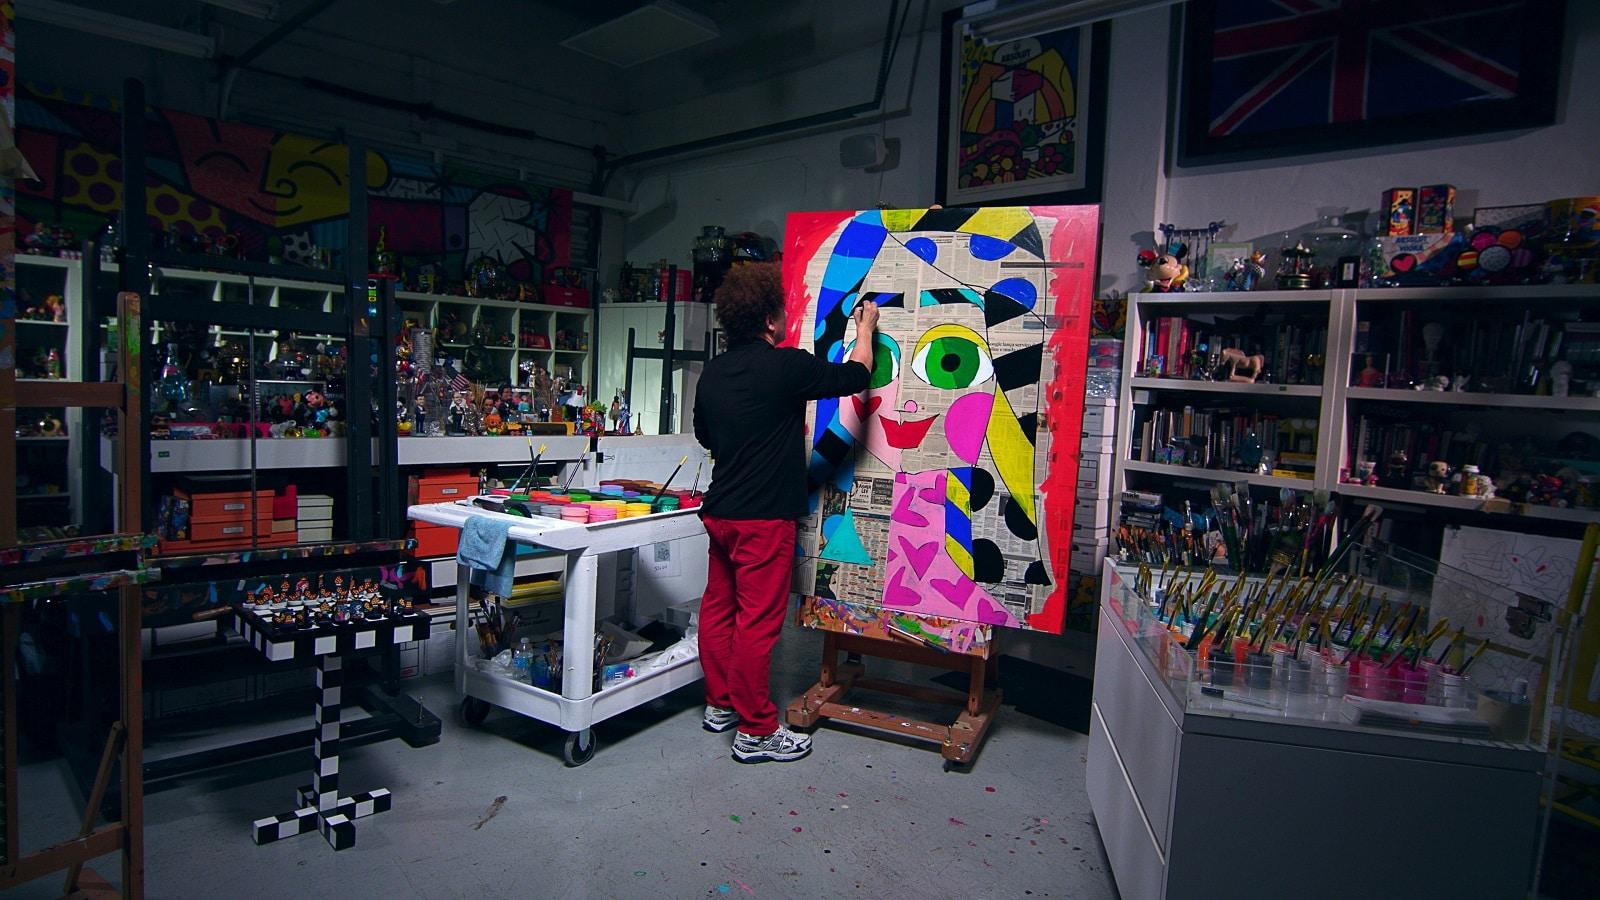 Britto, Park West Gallery artist